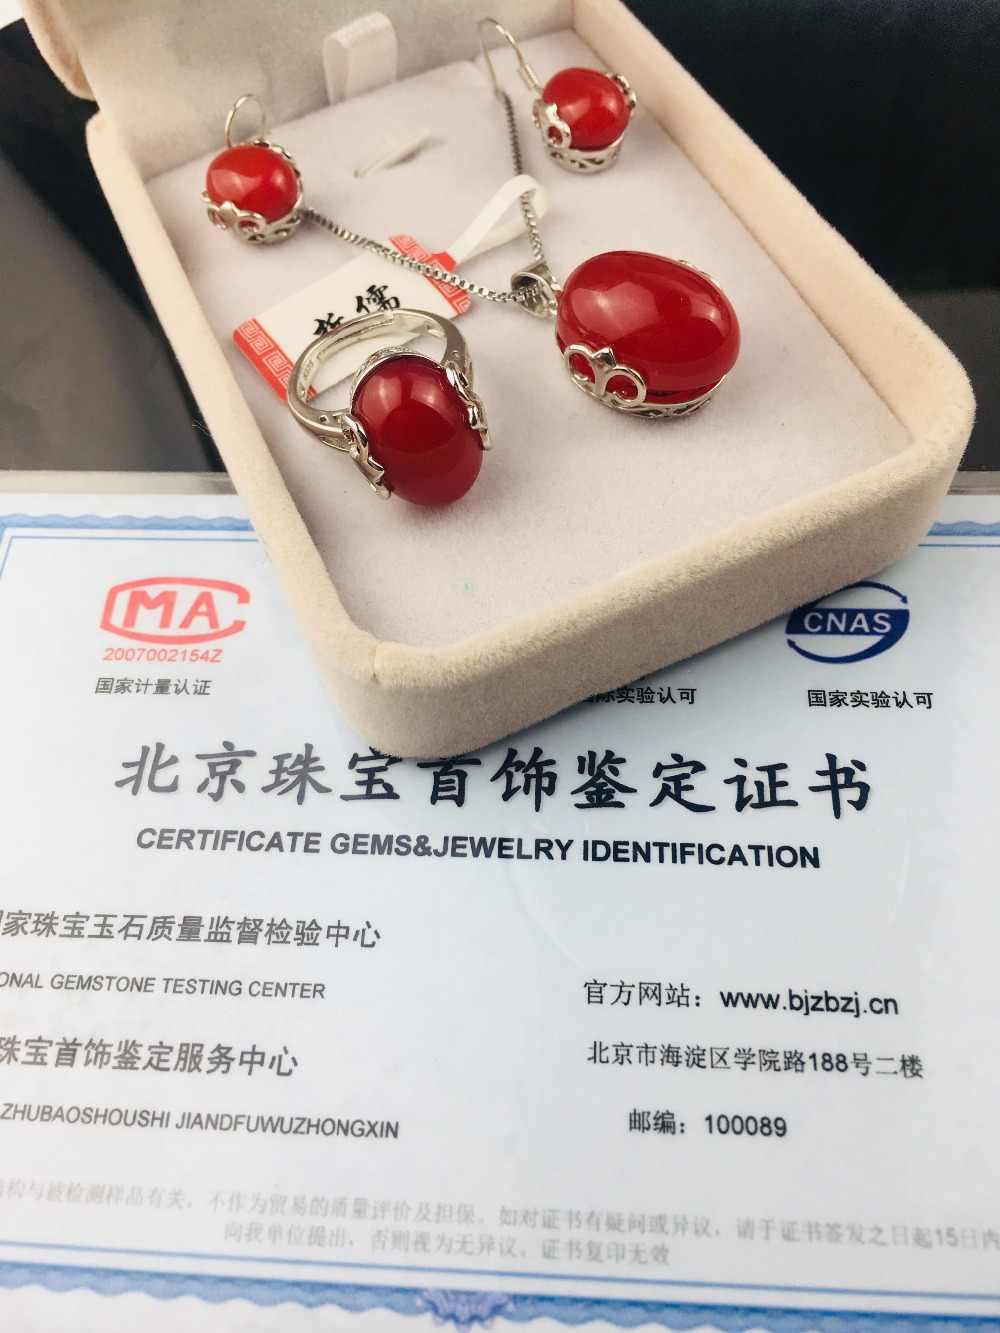 Enviar UM-nível de certificado nacional de ágata vermelho natural 925 prata incrustada clavícula cadeia anel requintado elegante brincos set